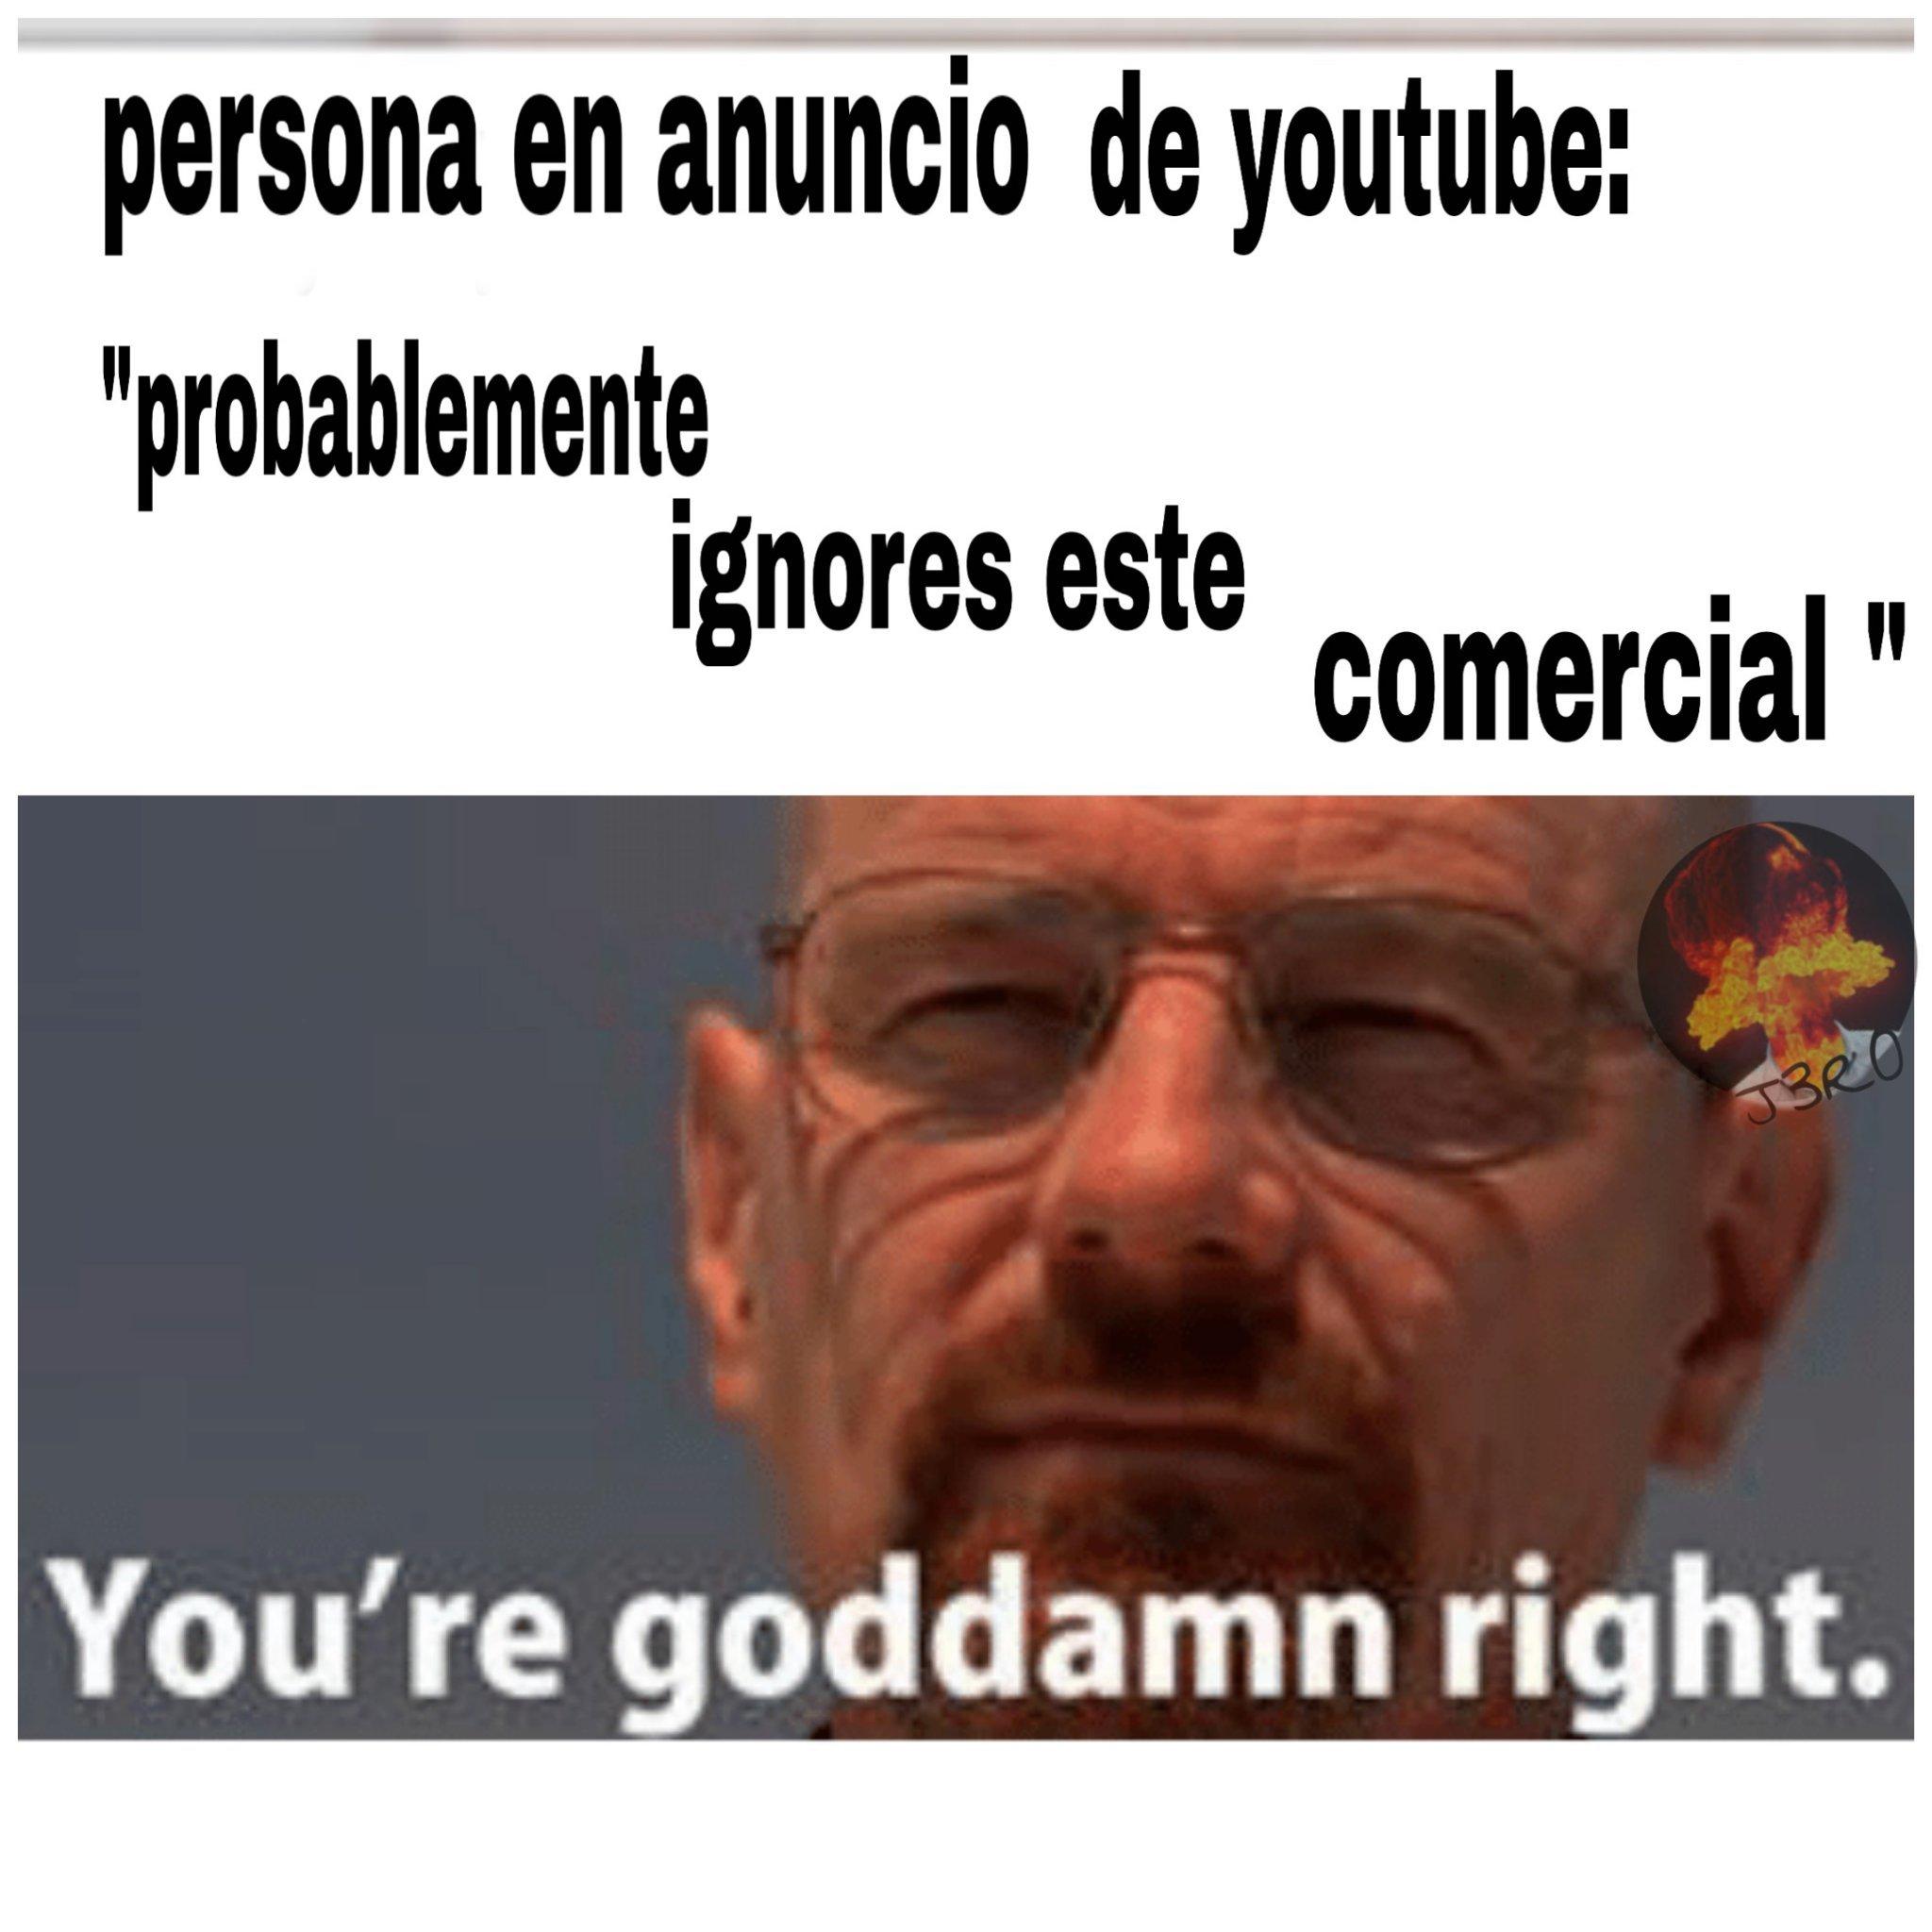 Posiblemente ignores este meme